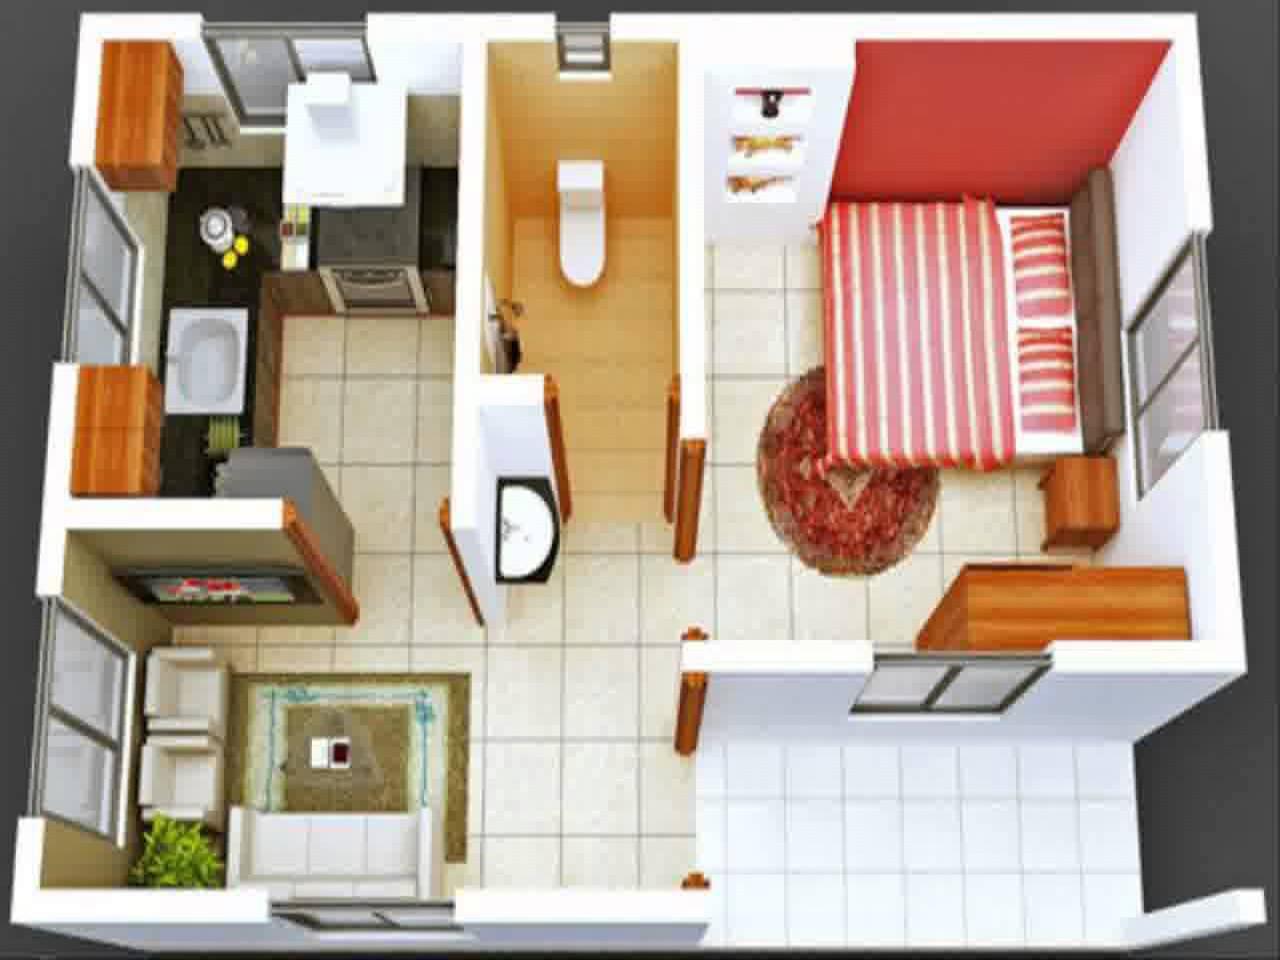 103 Gambar Rumah Kontrakan Sederhana Minimalis Gambar Desain Rumah